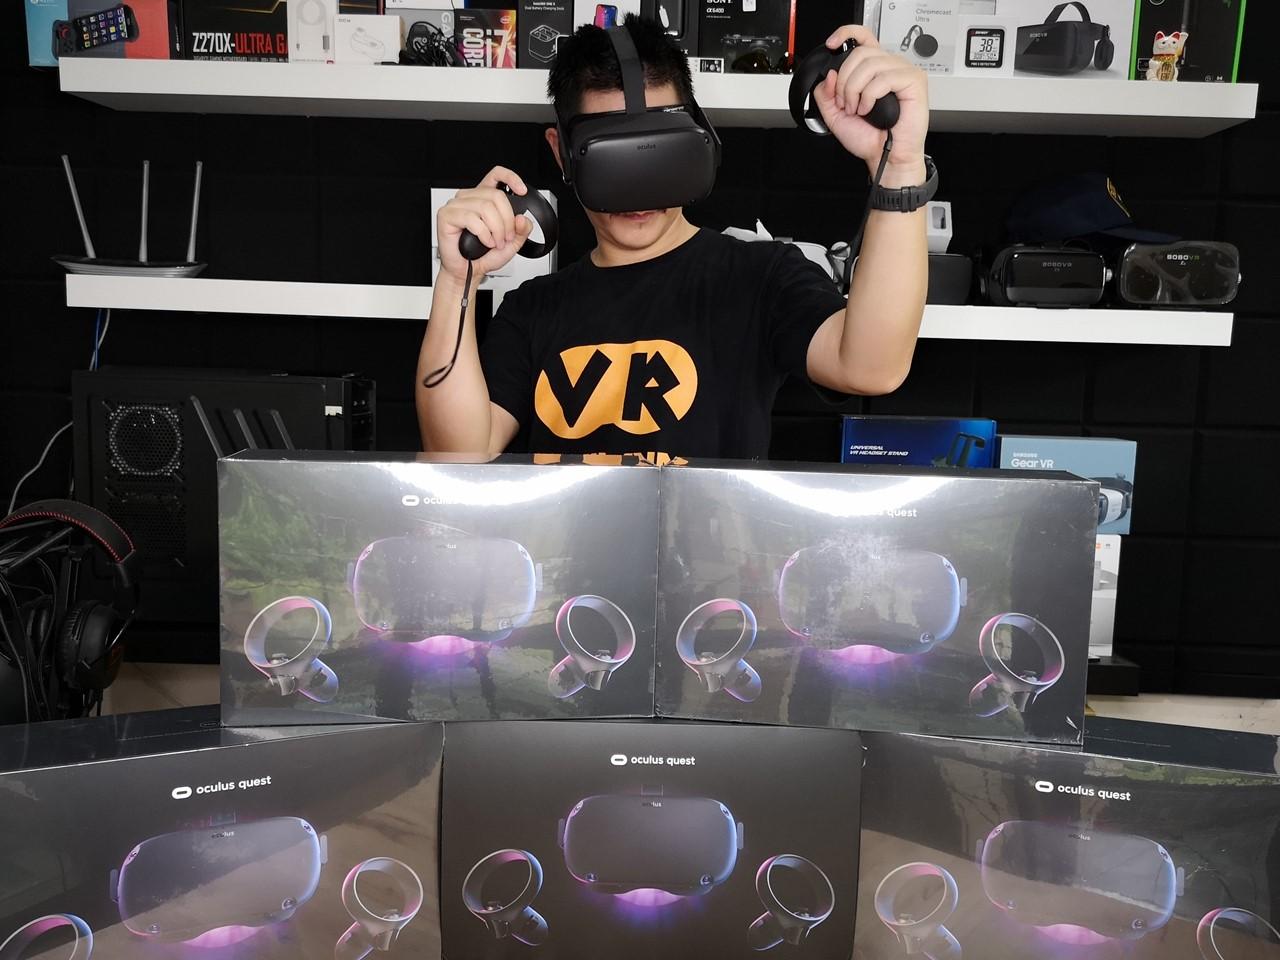 จำหน่าย ขาย Oculus Quest ราคา ไทย